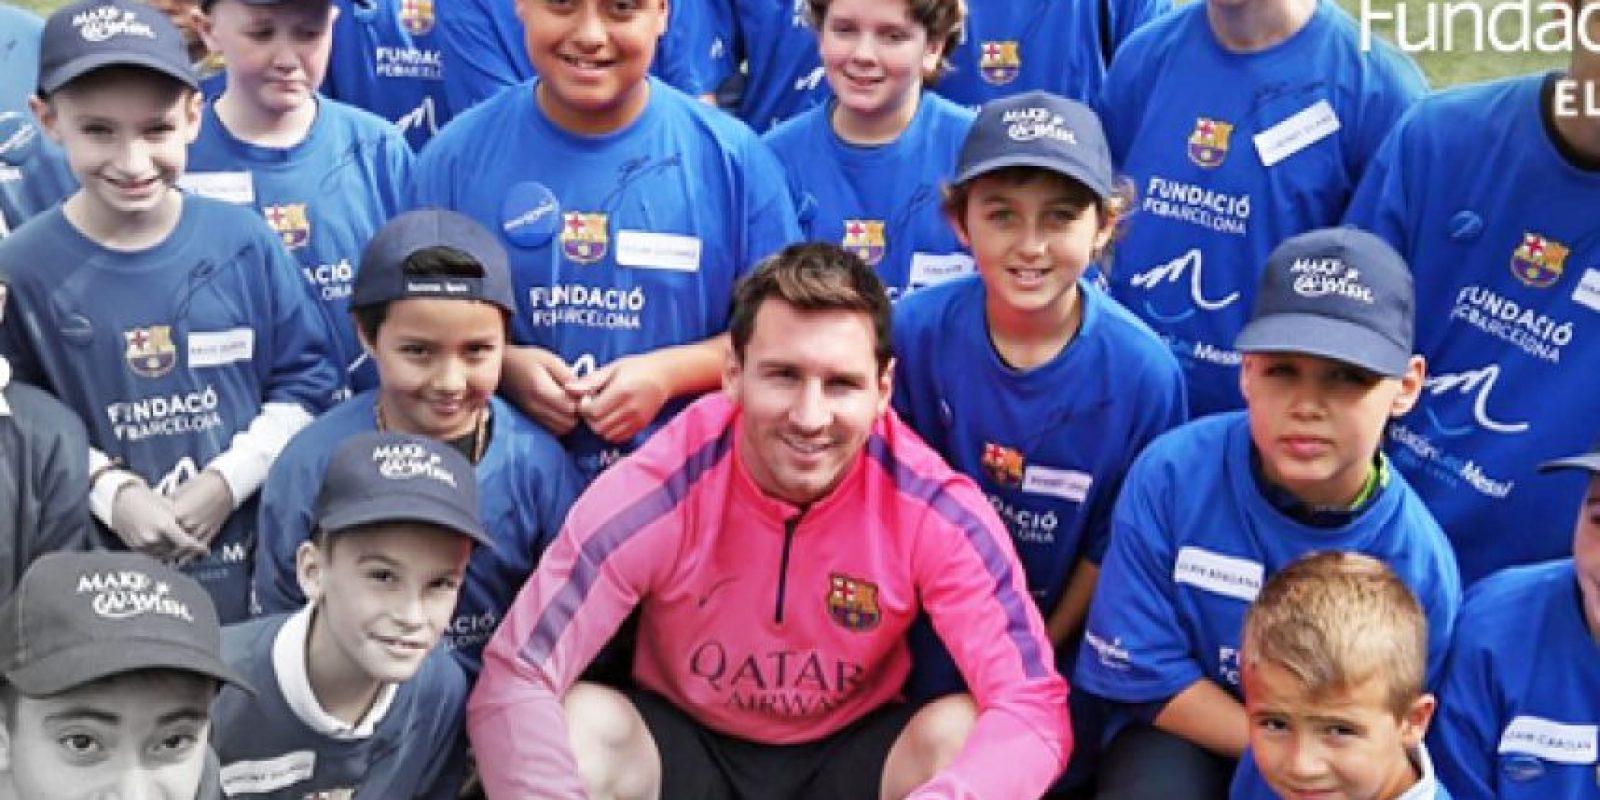 8. El pasado mes de febrero, el Barcelona le regaló una serie de objetos del club autografiados por Lionel Messi a la familia de un niño de cuatro años que sufre cuadriparesia. Foto:Vía facebook.com/FundacionLeoMessi